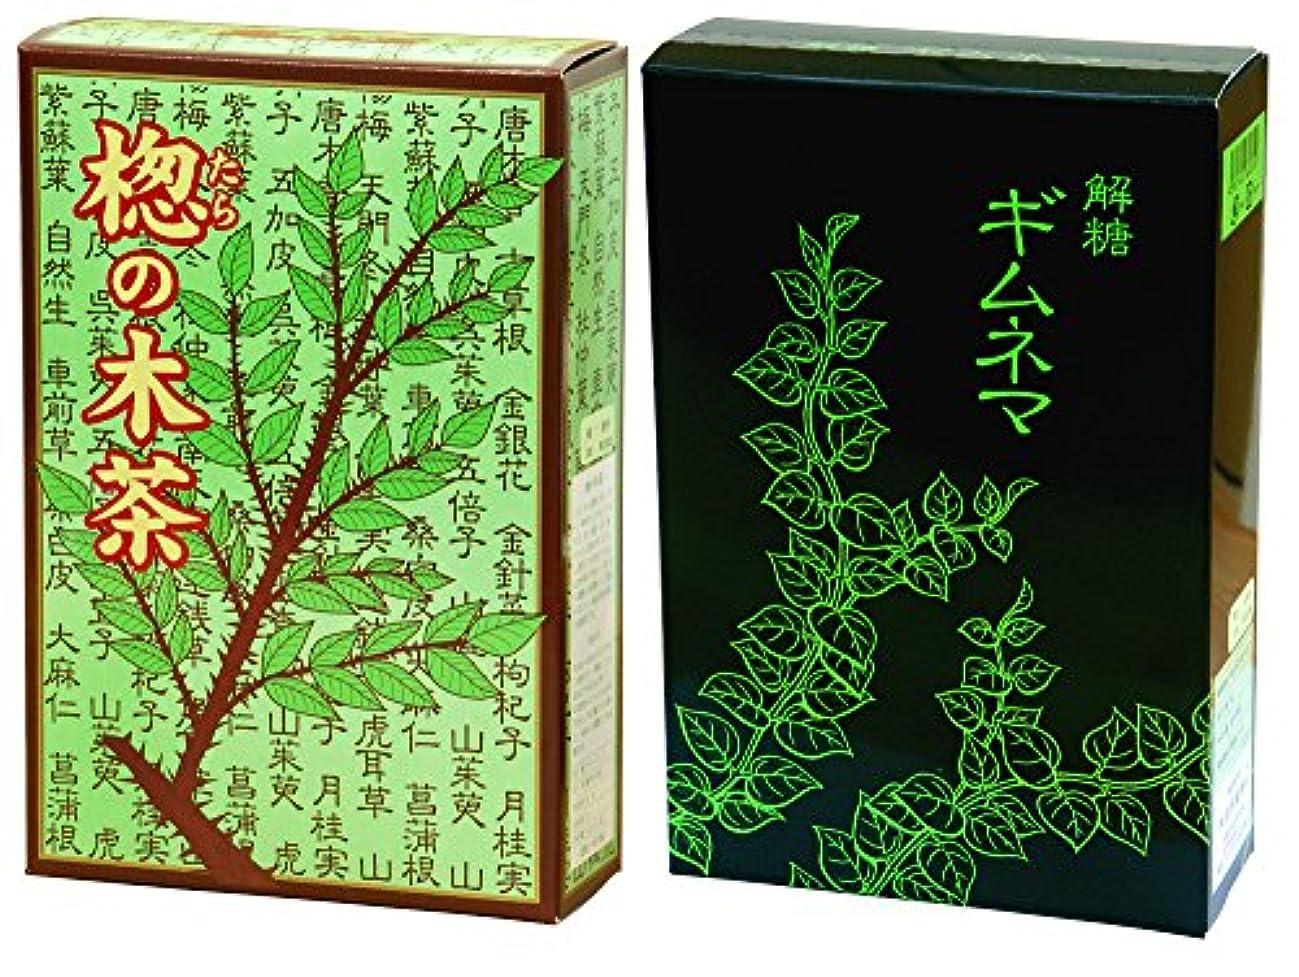 五リード細胞自然健康社 国産タラノキ茶 30パック + 解糖ギムネマ 32パック